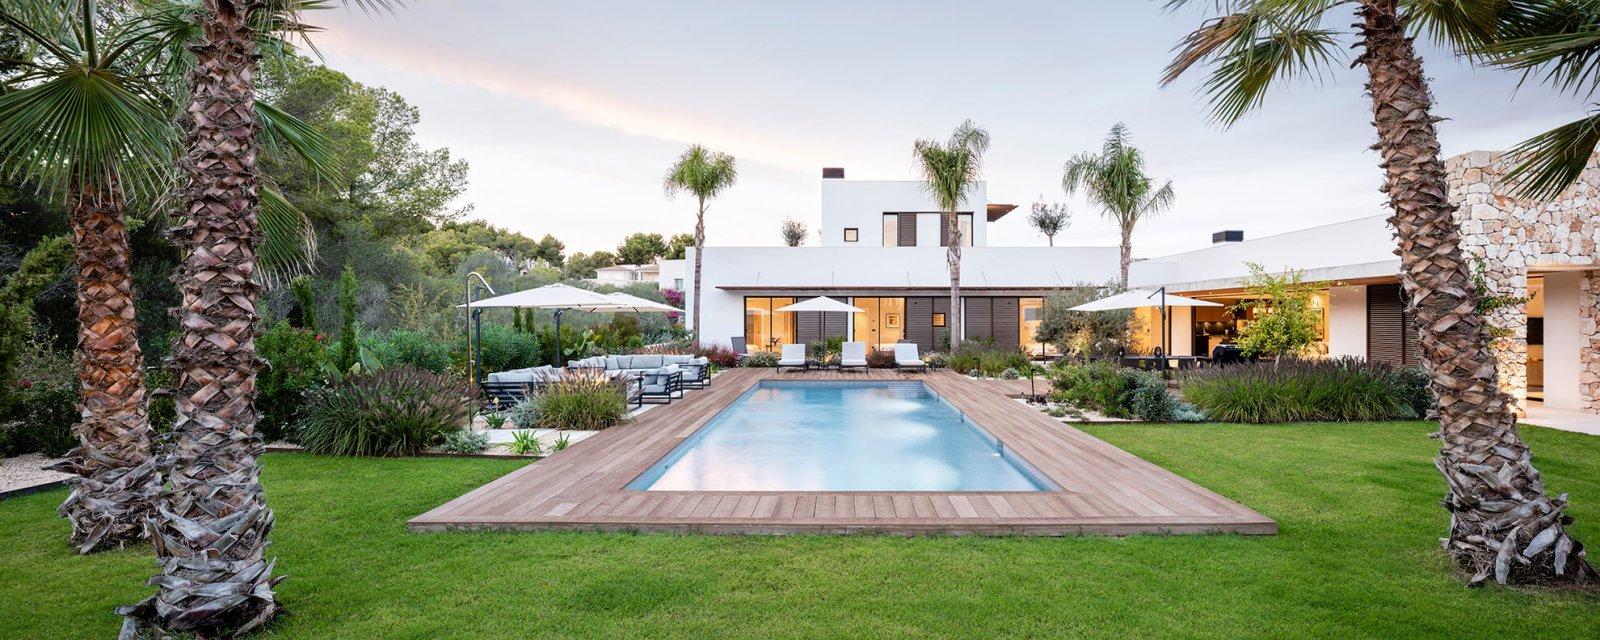 View of the garden with pool and interior facade of the Sol de Mallorca house